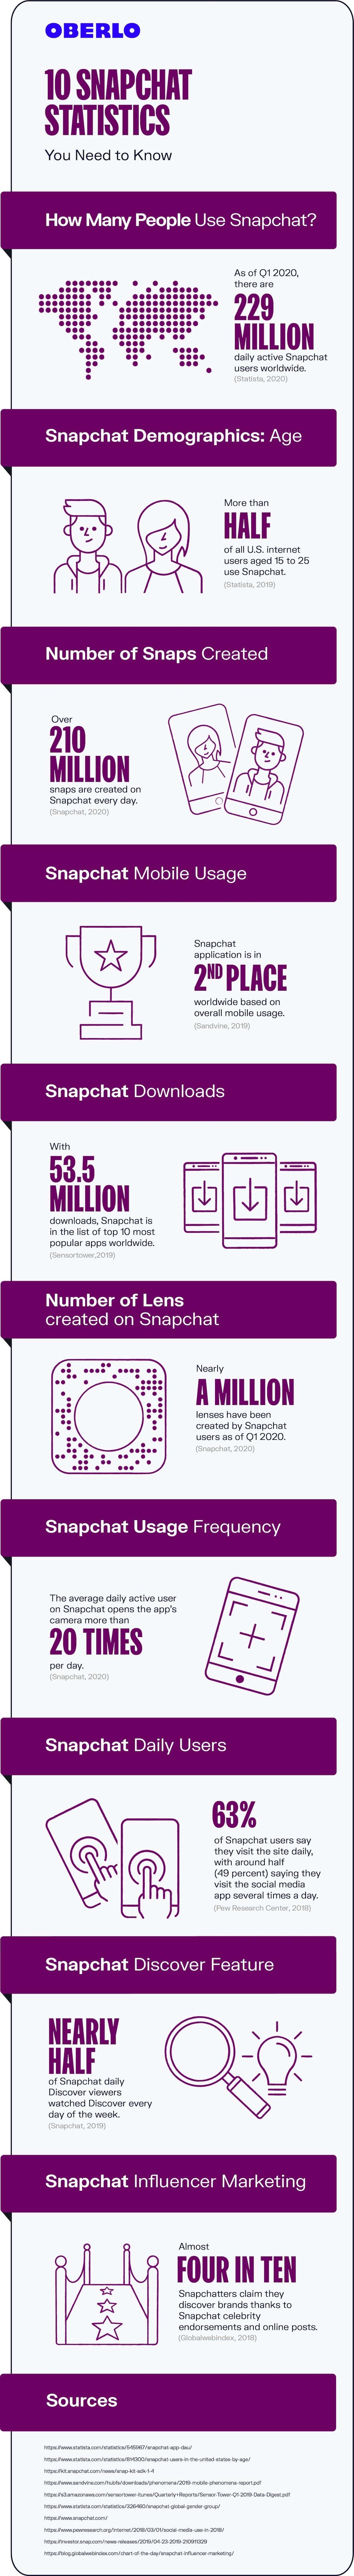 snapchat statistics 2020